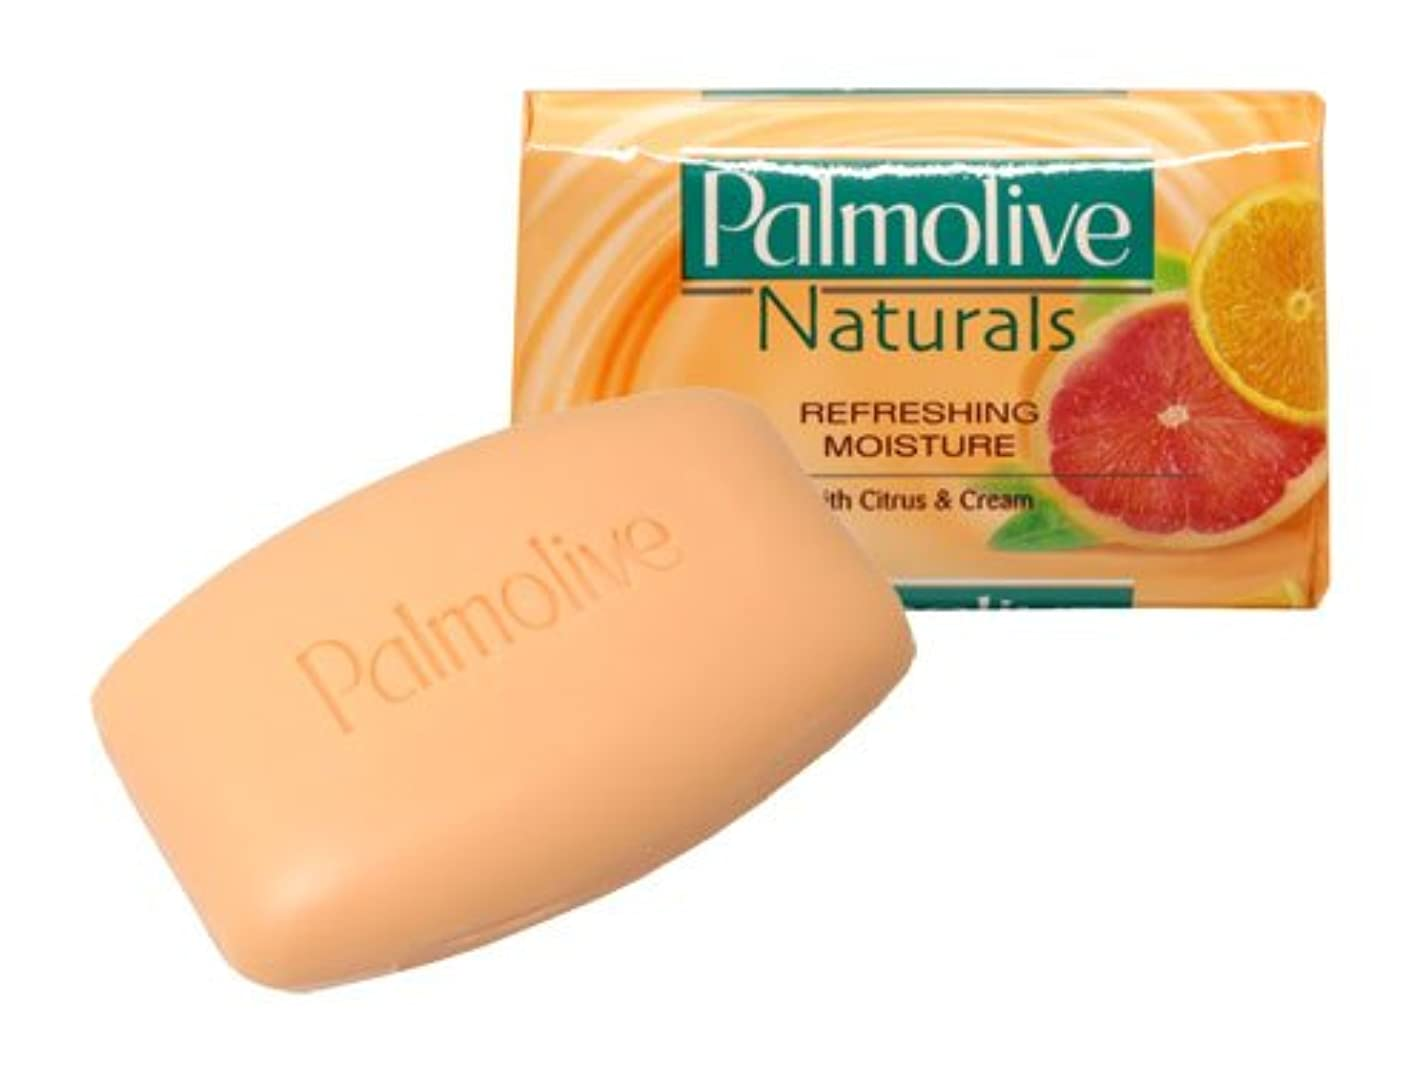 緩む真夜中野望【Palmolive】パルモリーブ ナチュラルズ石鹸3個パック(シトラス&クリーム)